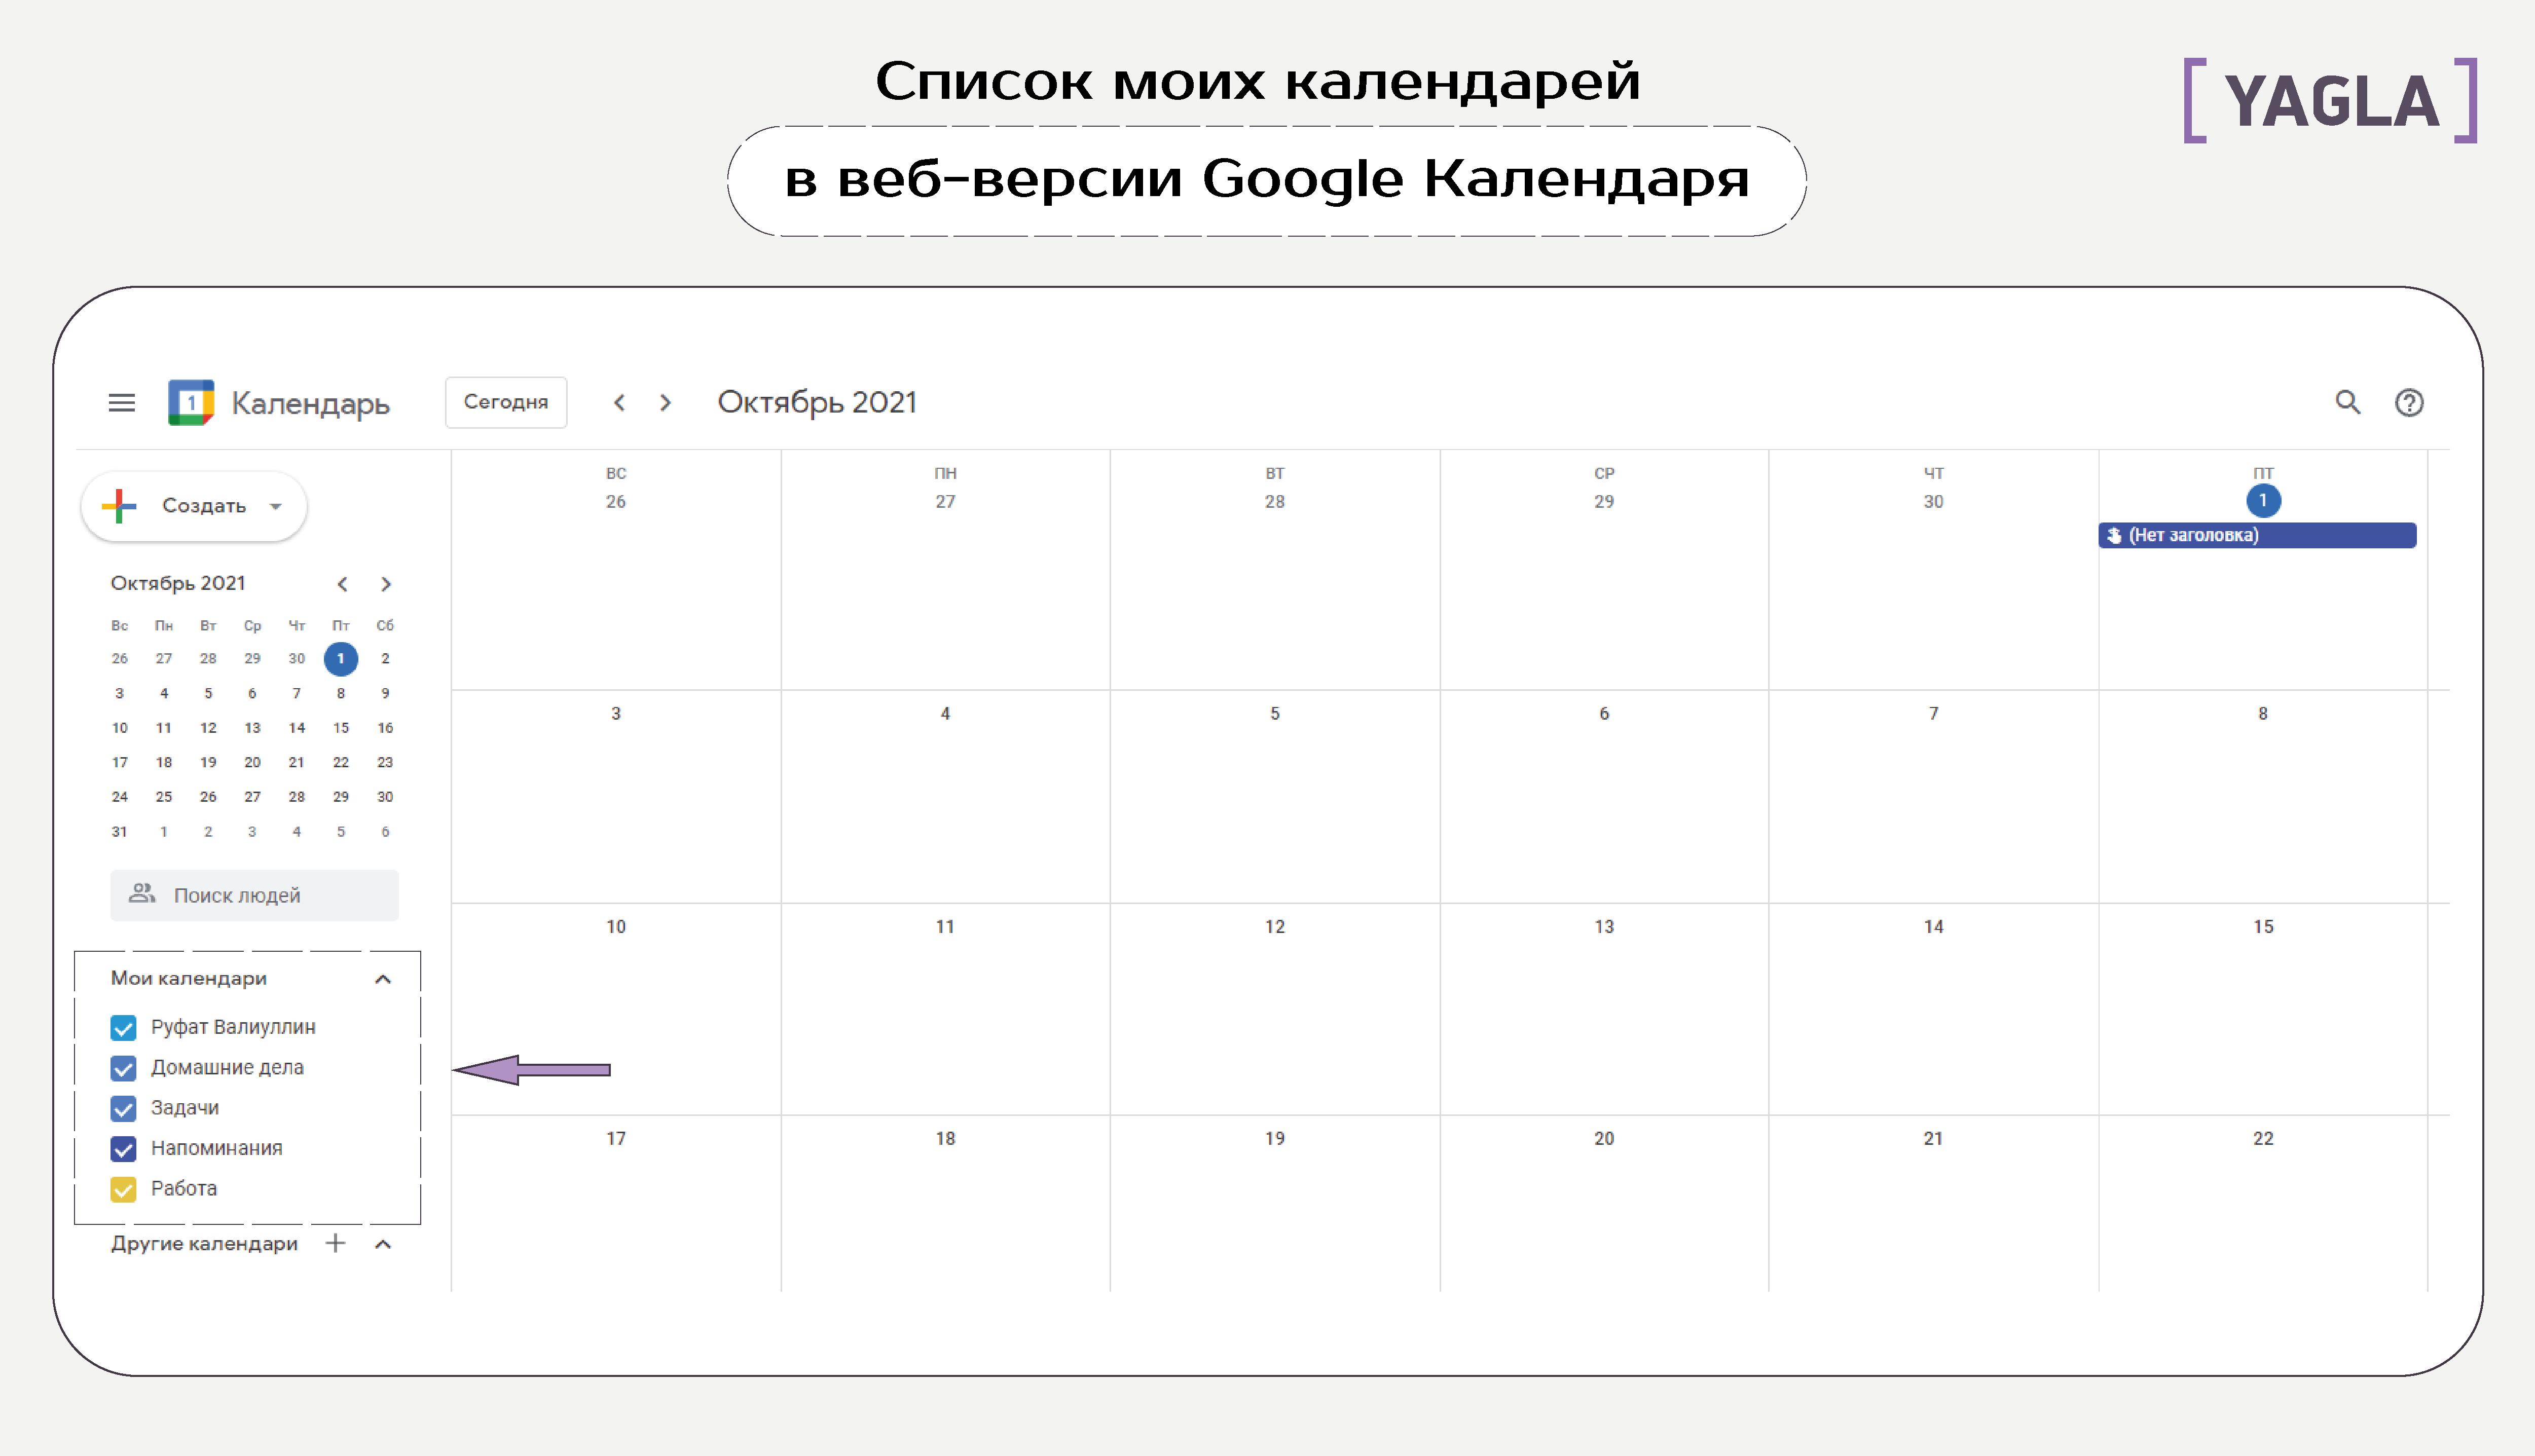 Список моих календарей в веб-версии Google календаря